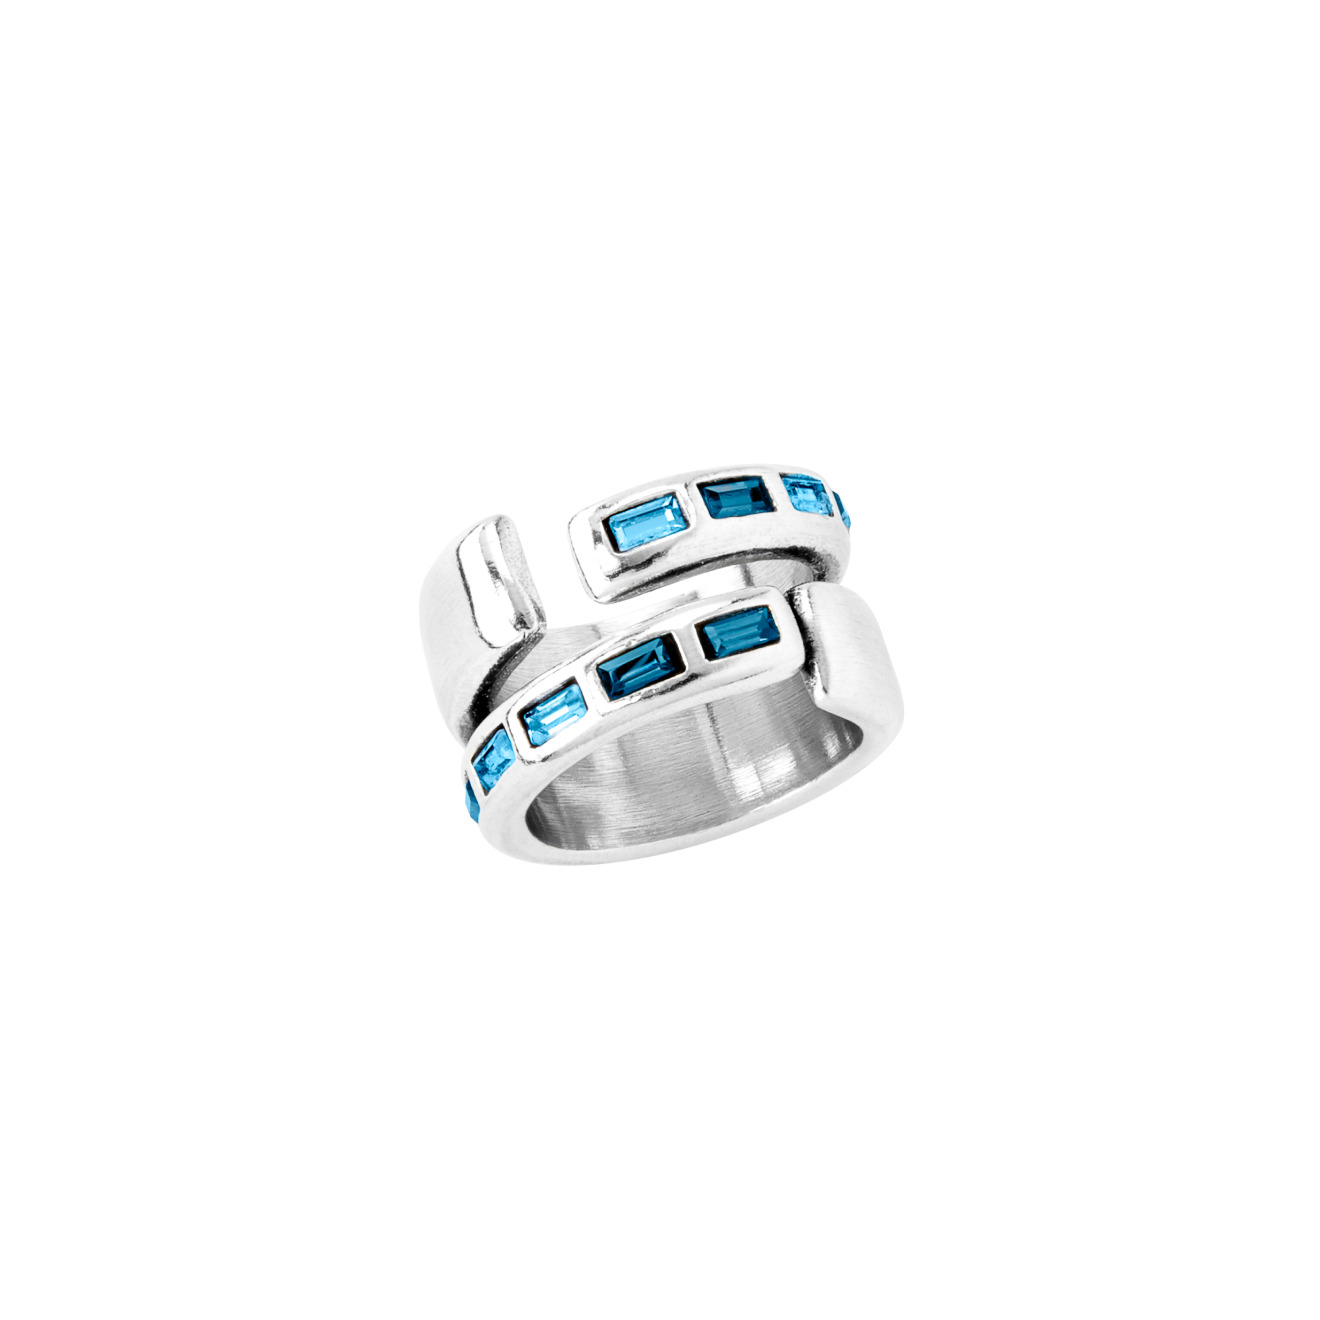 Unode50 Кольцо «Nightbird wrap» с синими кристаллами, покрытое серебром